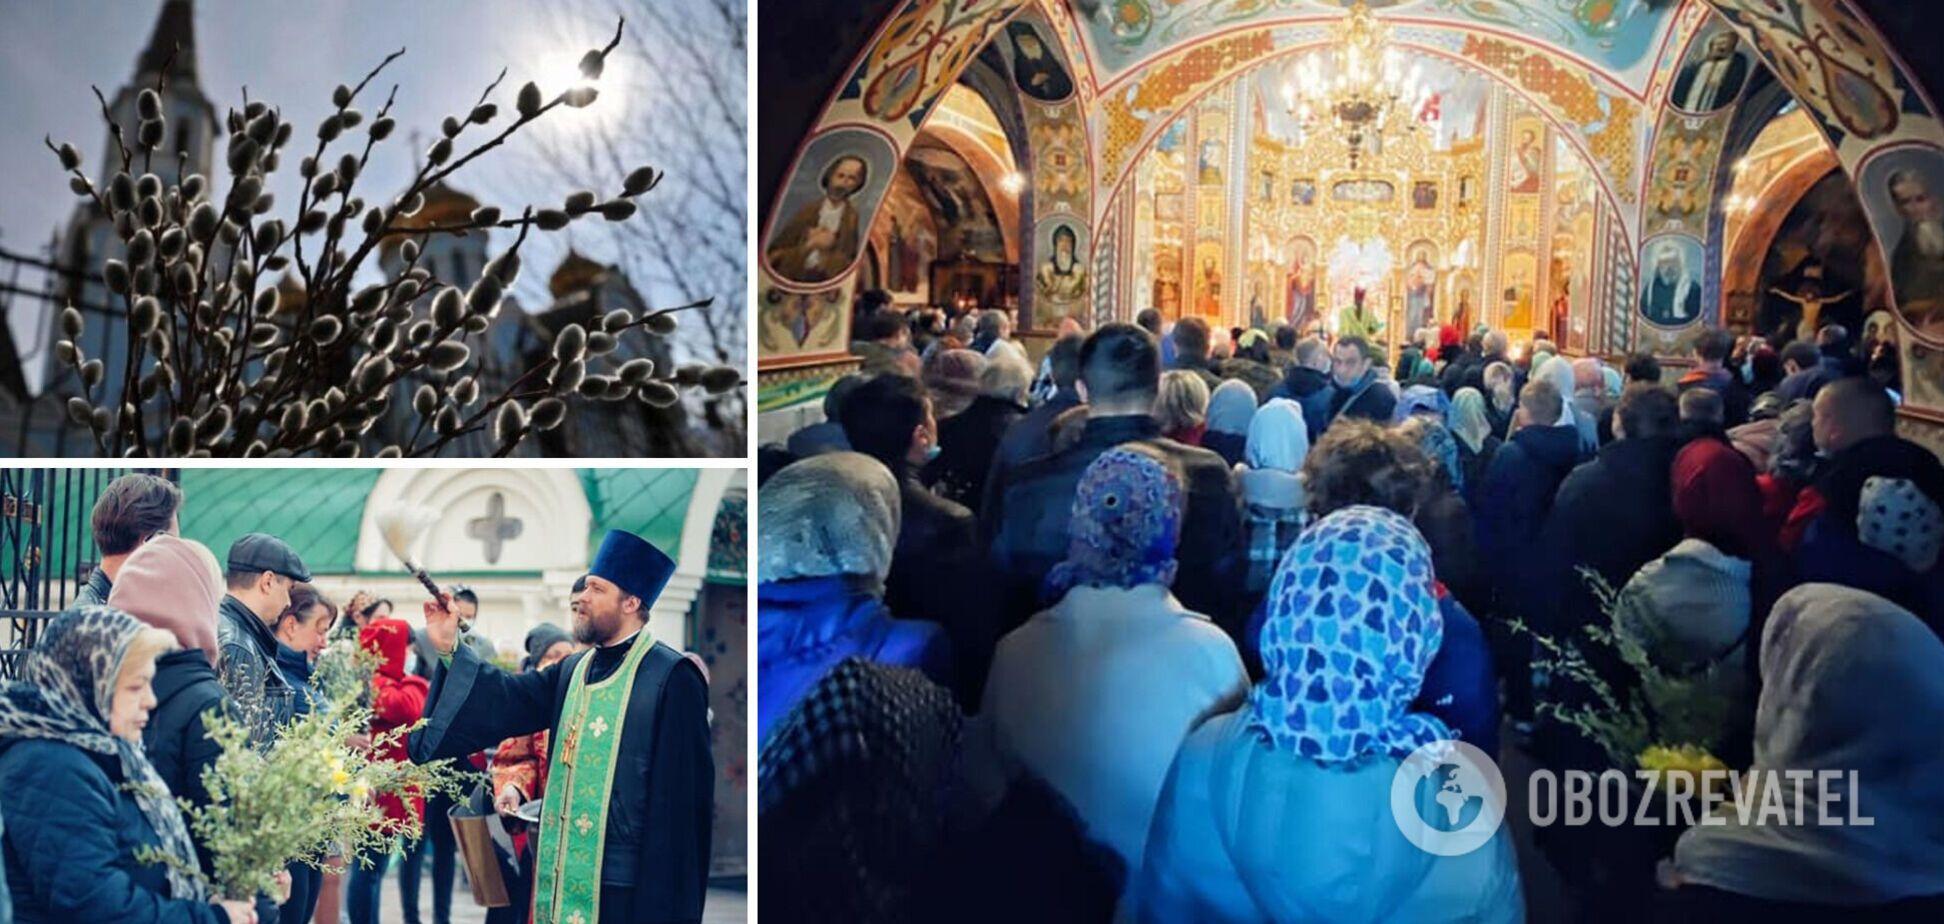 Українці масово ринулися в церкви, порушуючи карантинні норми